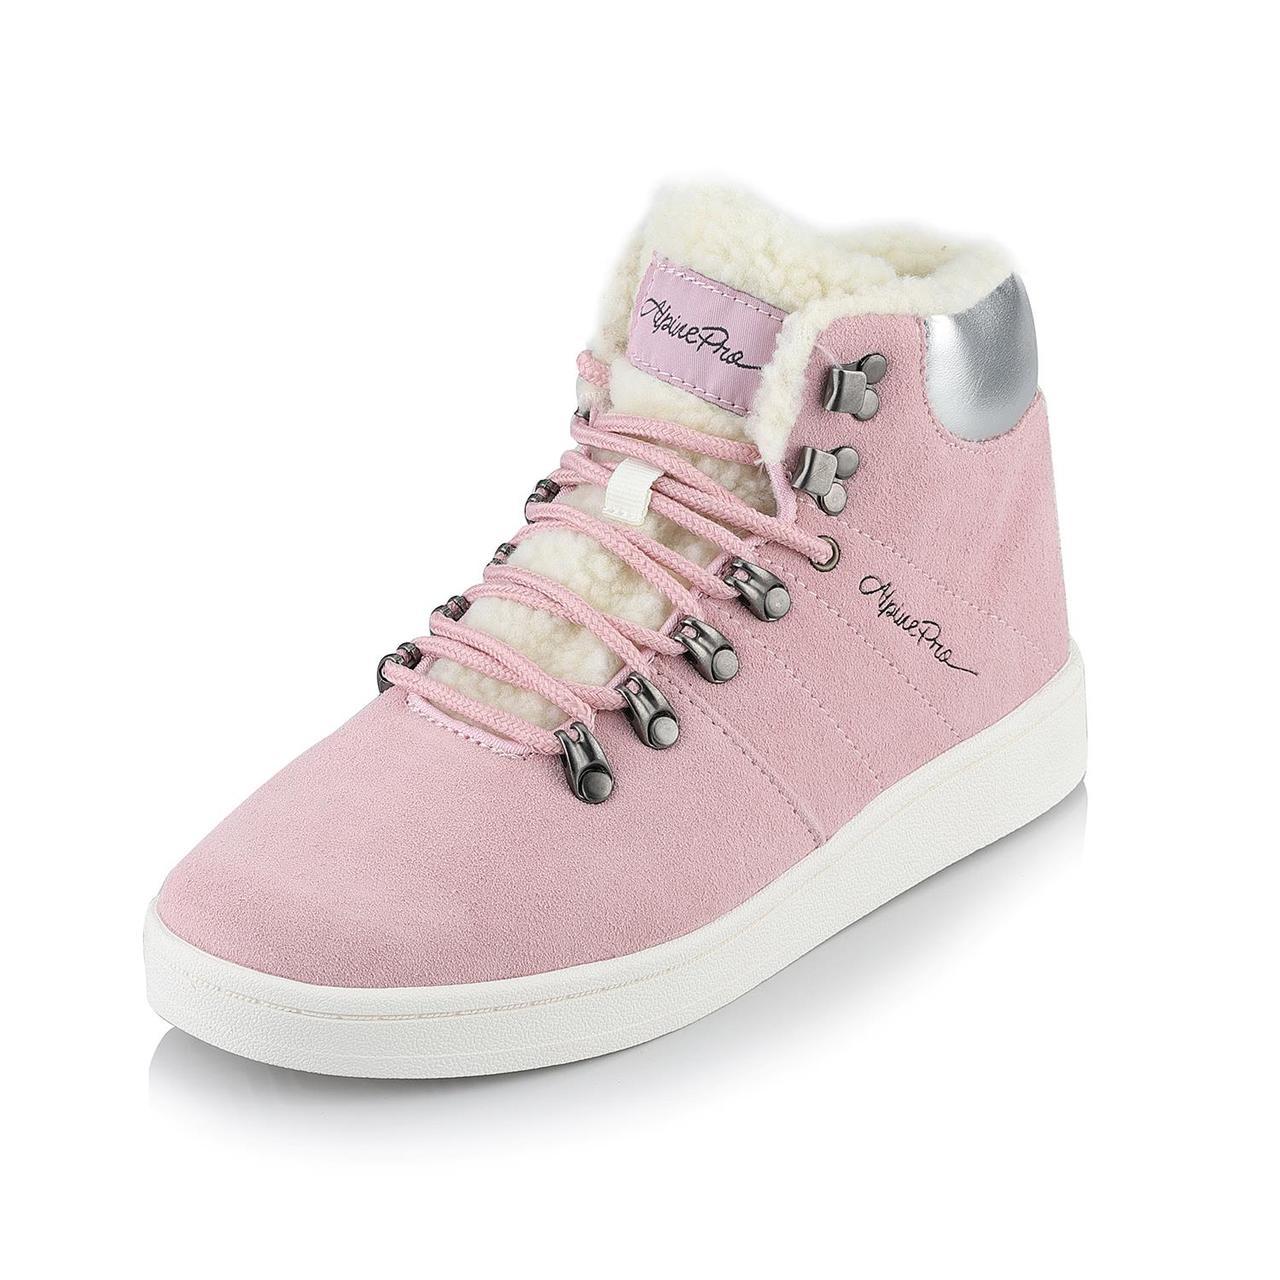 Ботинки MANDELTNA Розовый, 38 - фото 2